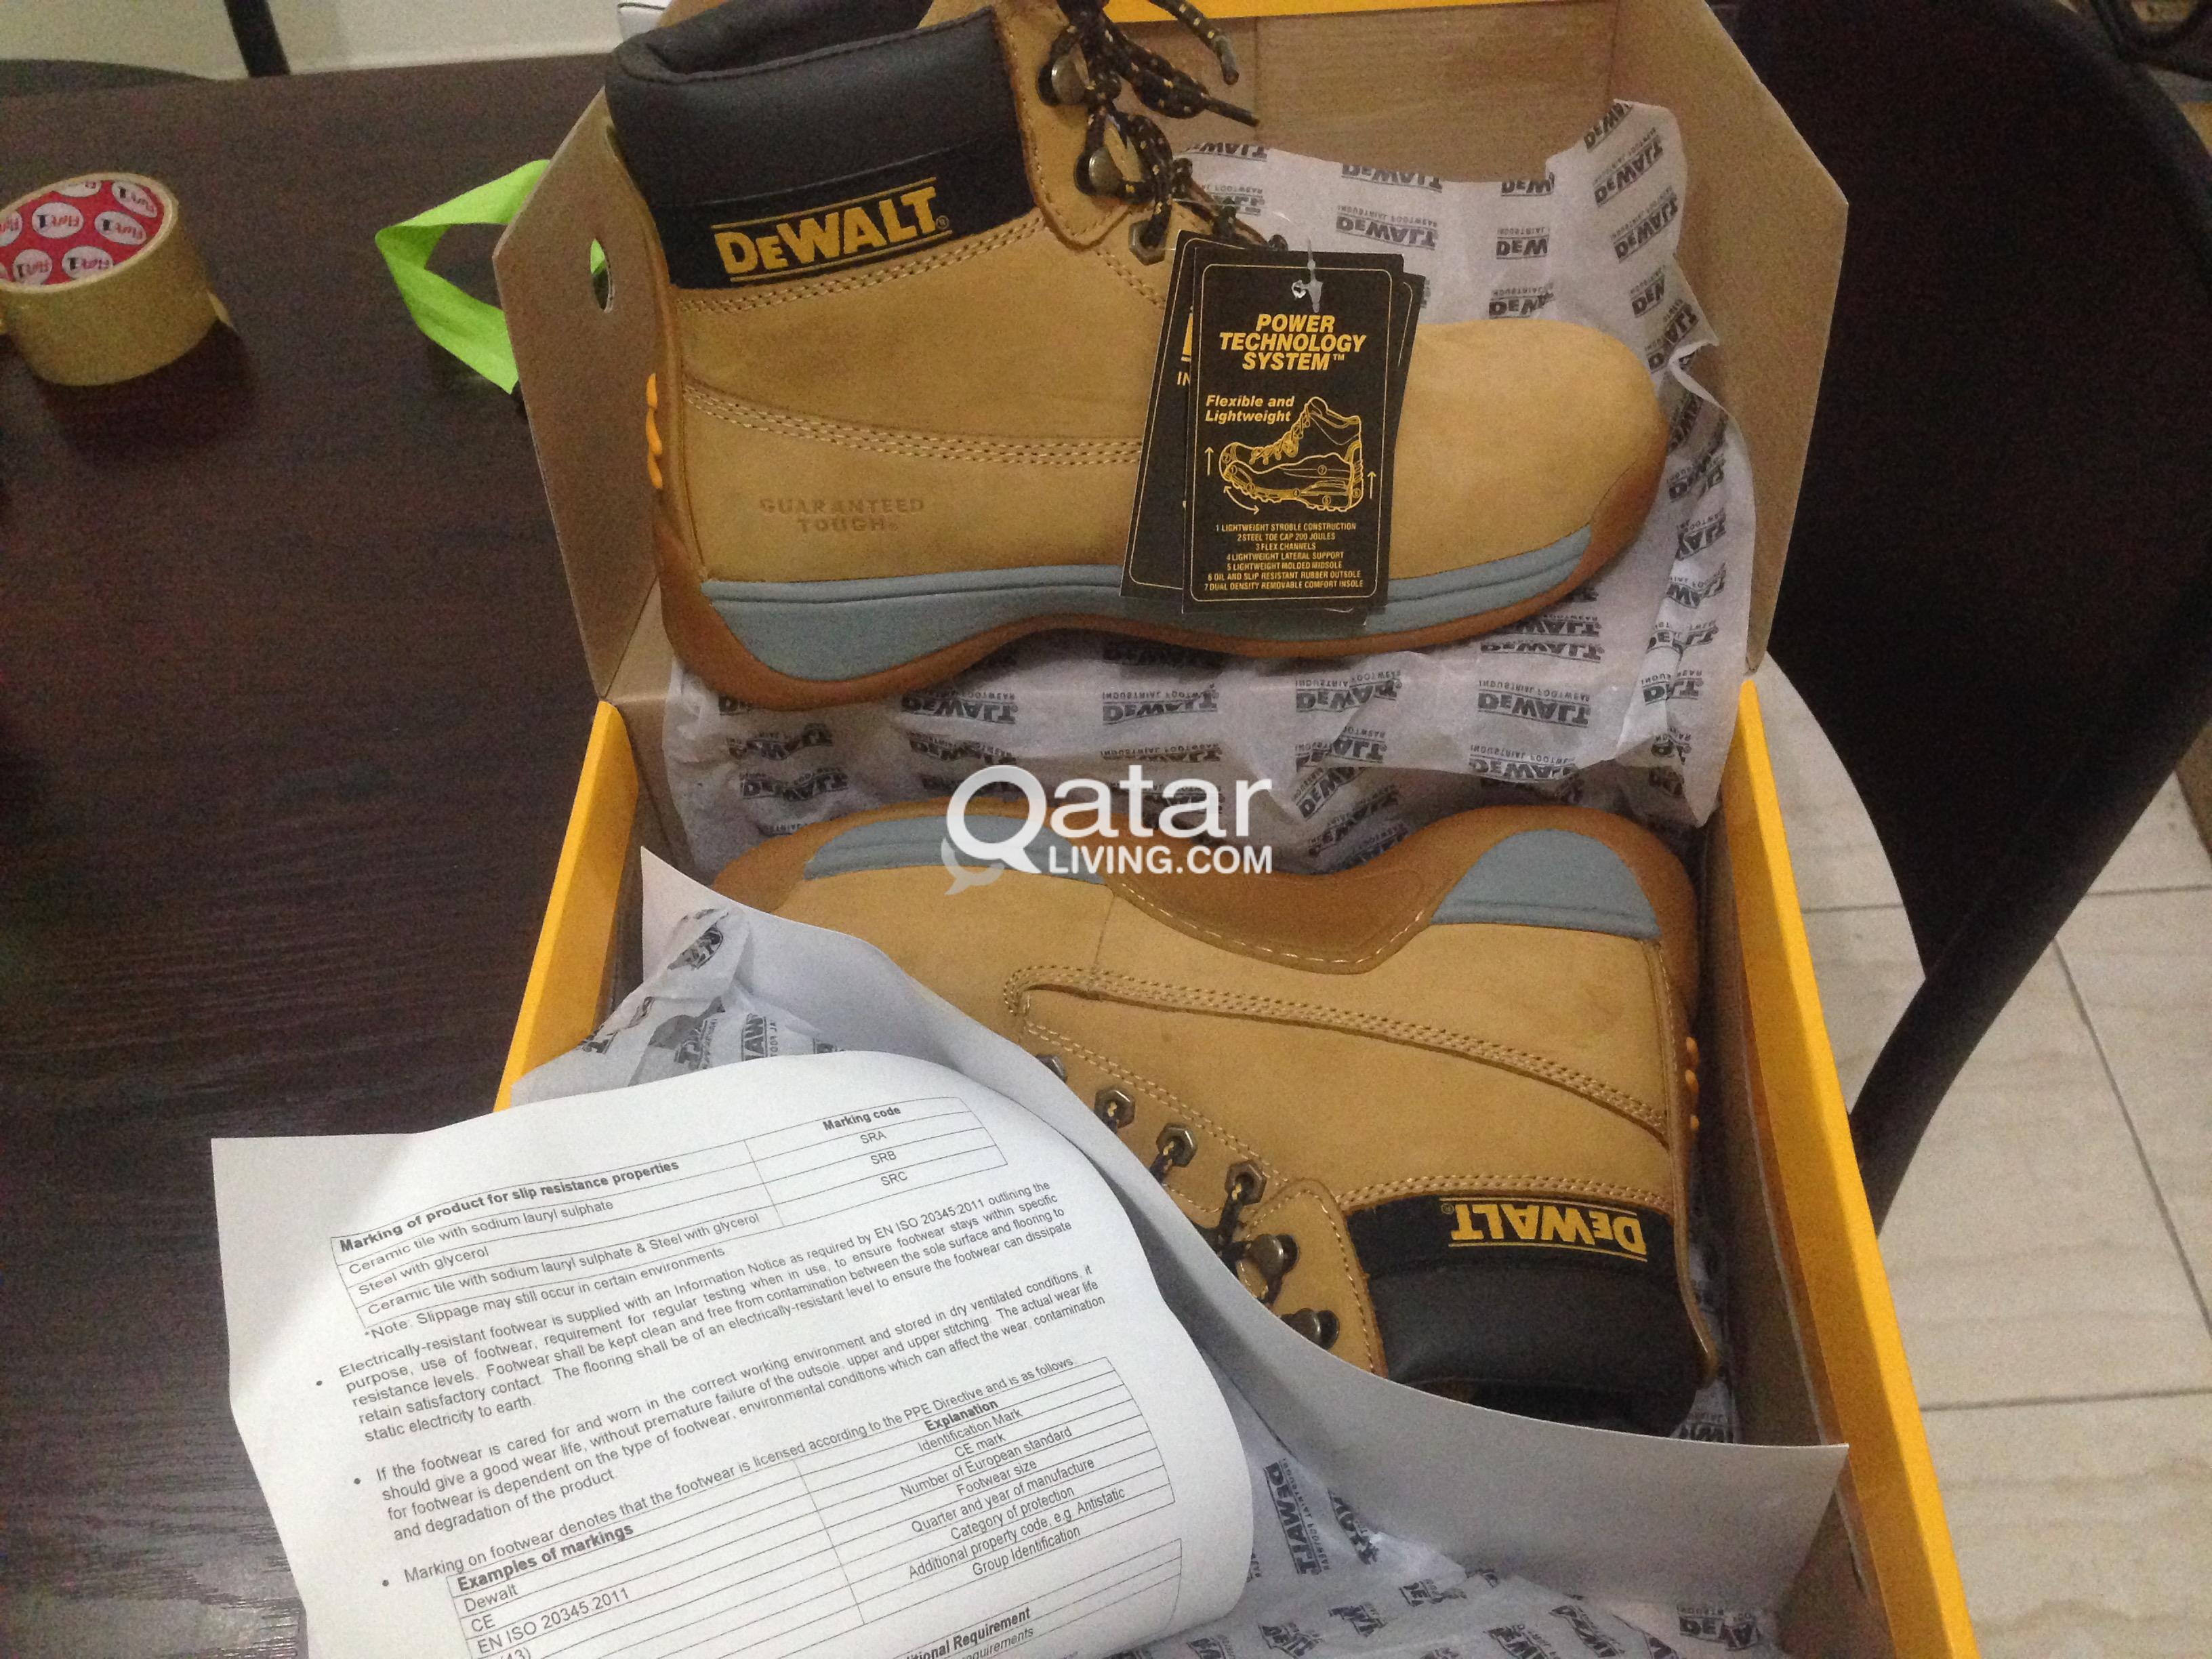 florsheim shoes qatar living doha qatar living